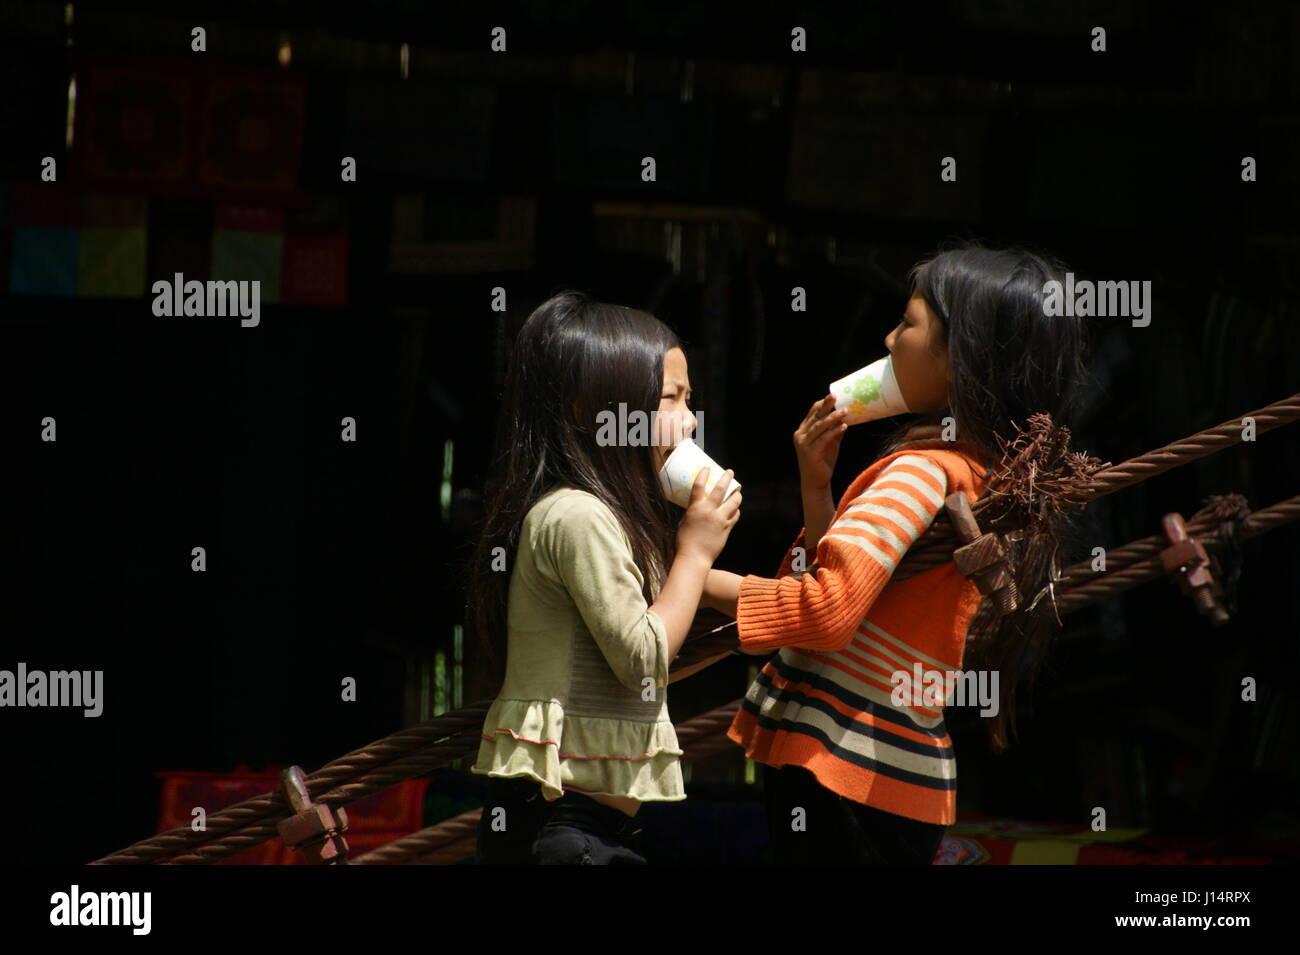 Las niñas vietnamitas están jugando. Los niños vietnamitas. Las minorías nacionales en Sapa. Imagen De Stock